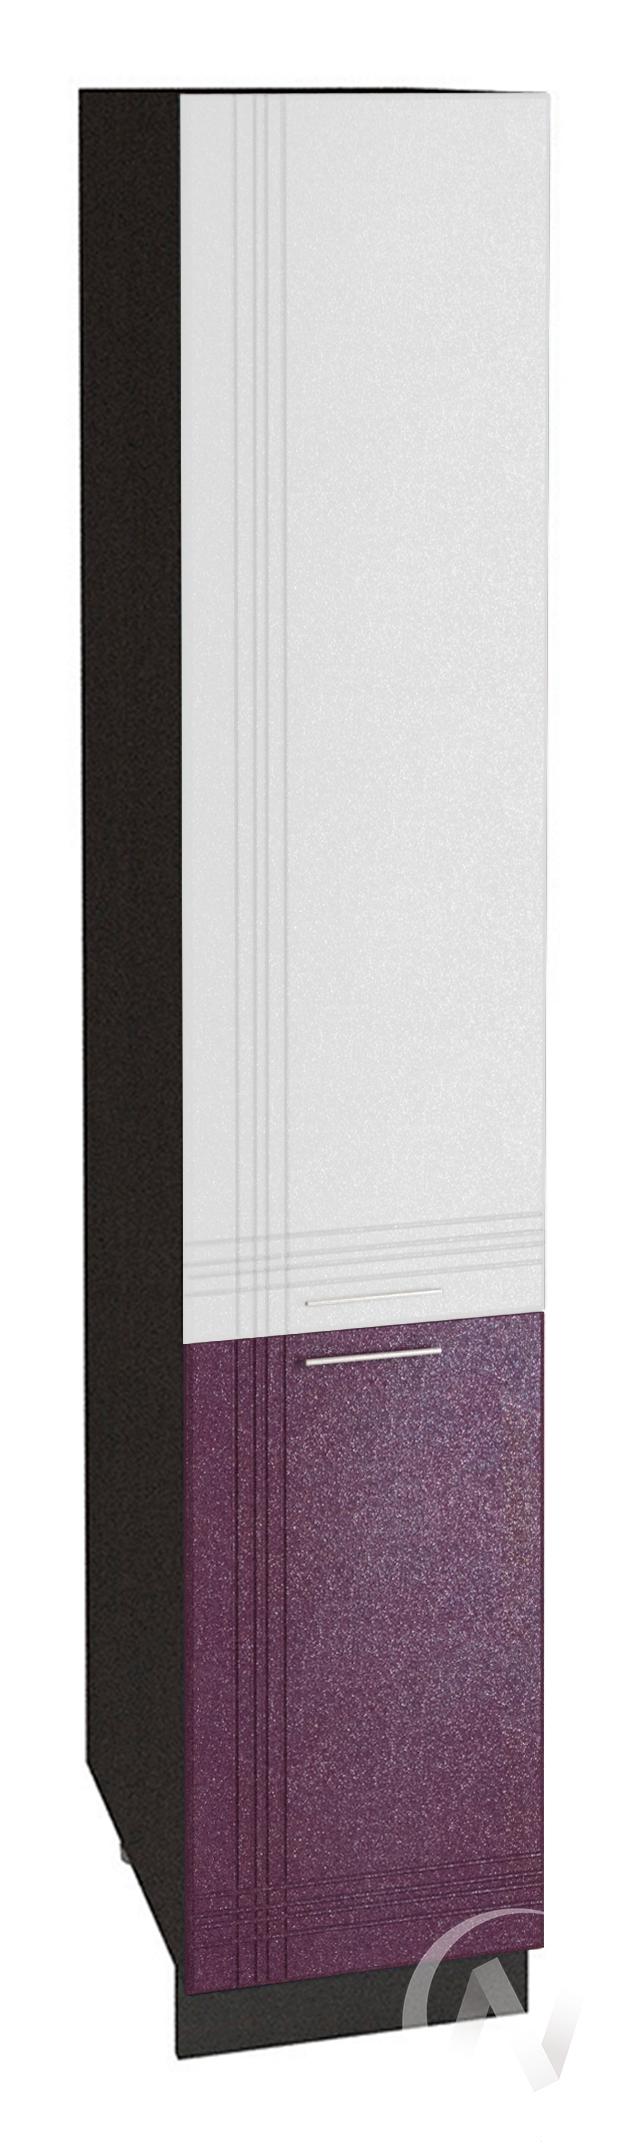 """Кухня """"Струна"""": Шкаф пенал 400, ШП 400 (белый/фиолетовый металлик/корпус венге)"""